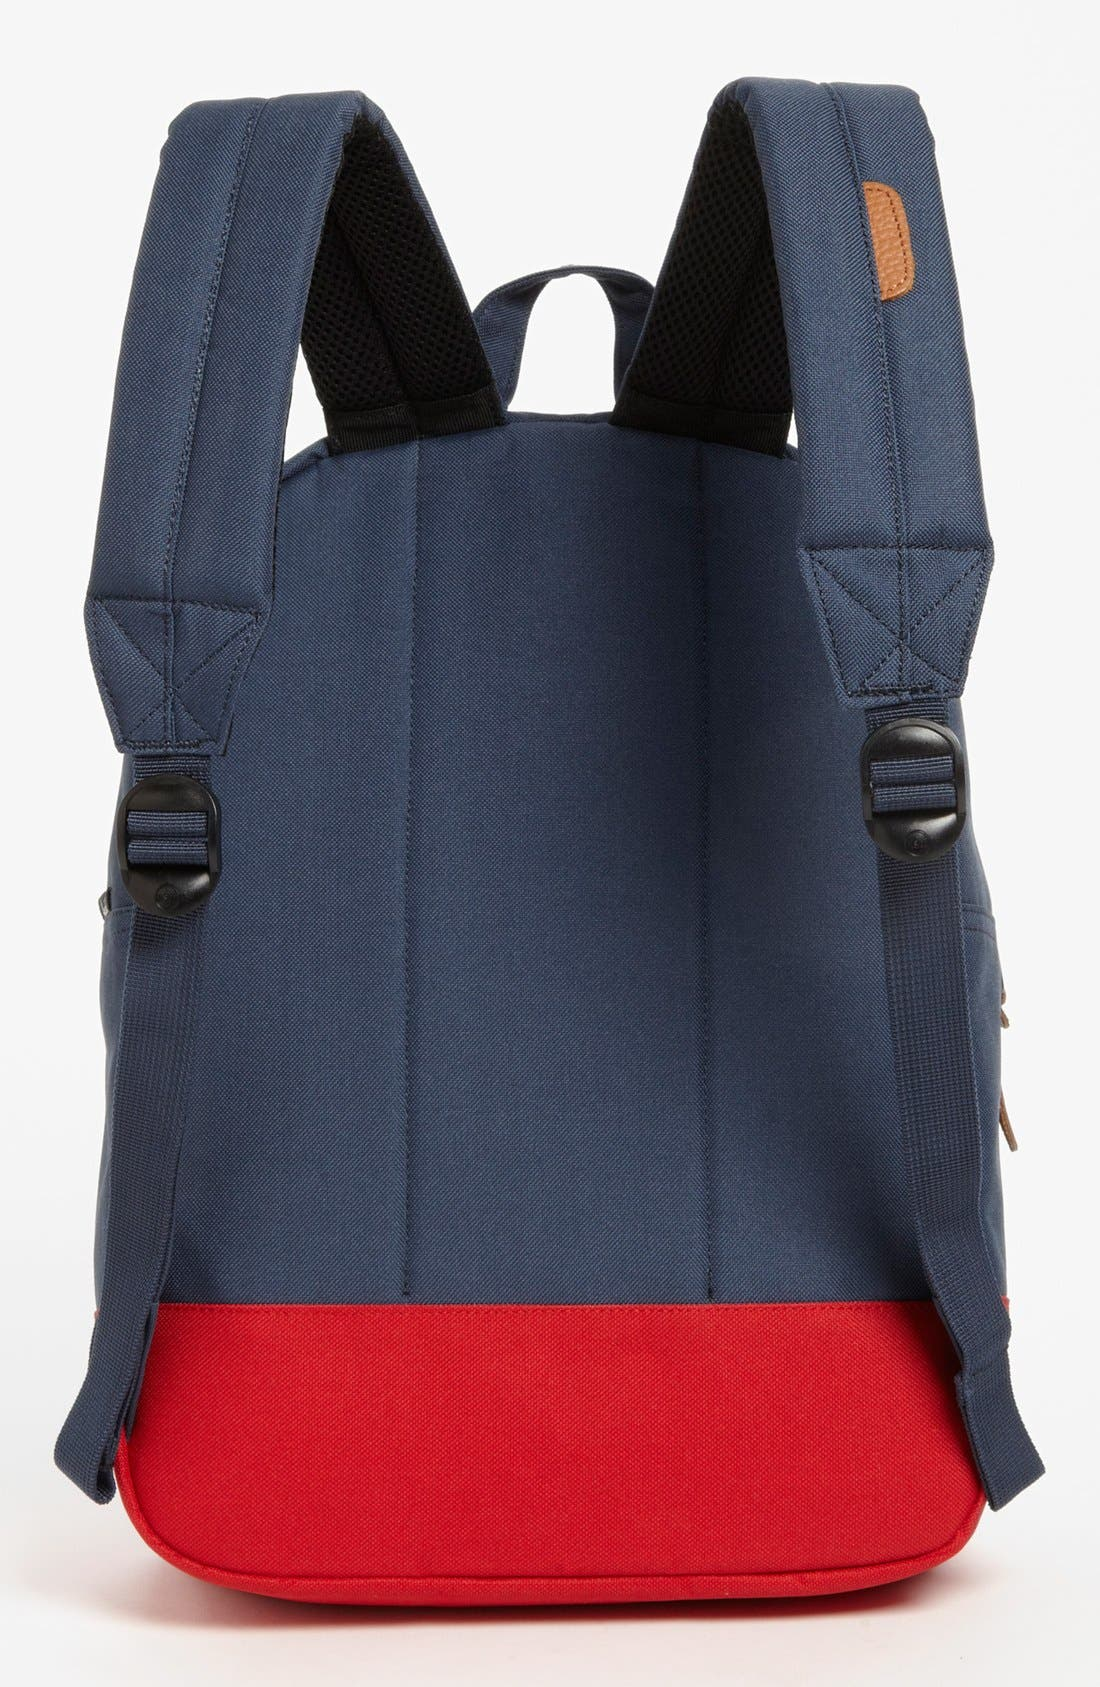 Alternate Image 2  - Herschel Supply Co. 'Settlement' Backpack (Big Kid)